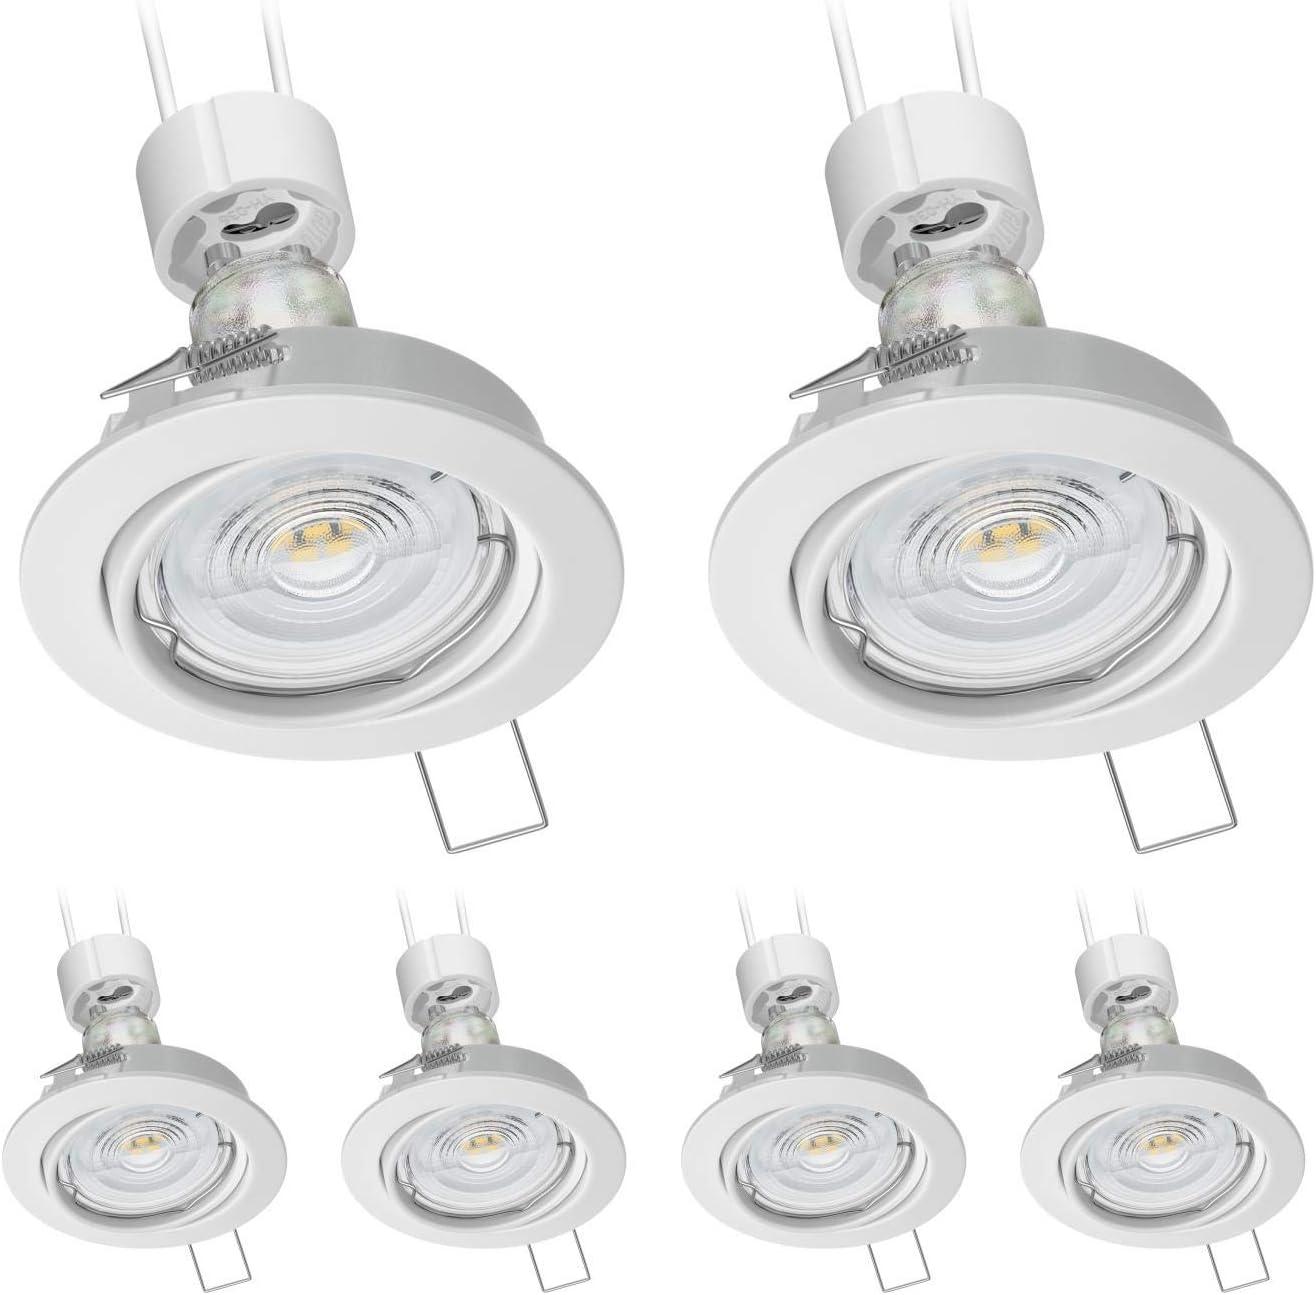 6 UDS ledscom.de Foco empotrable en el techo FERE marco empotrable blanca mate giratorio GU10 LED bombilla 550lm 50/° blanca